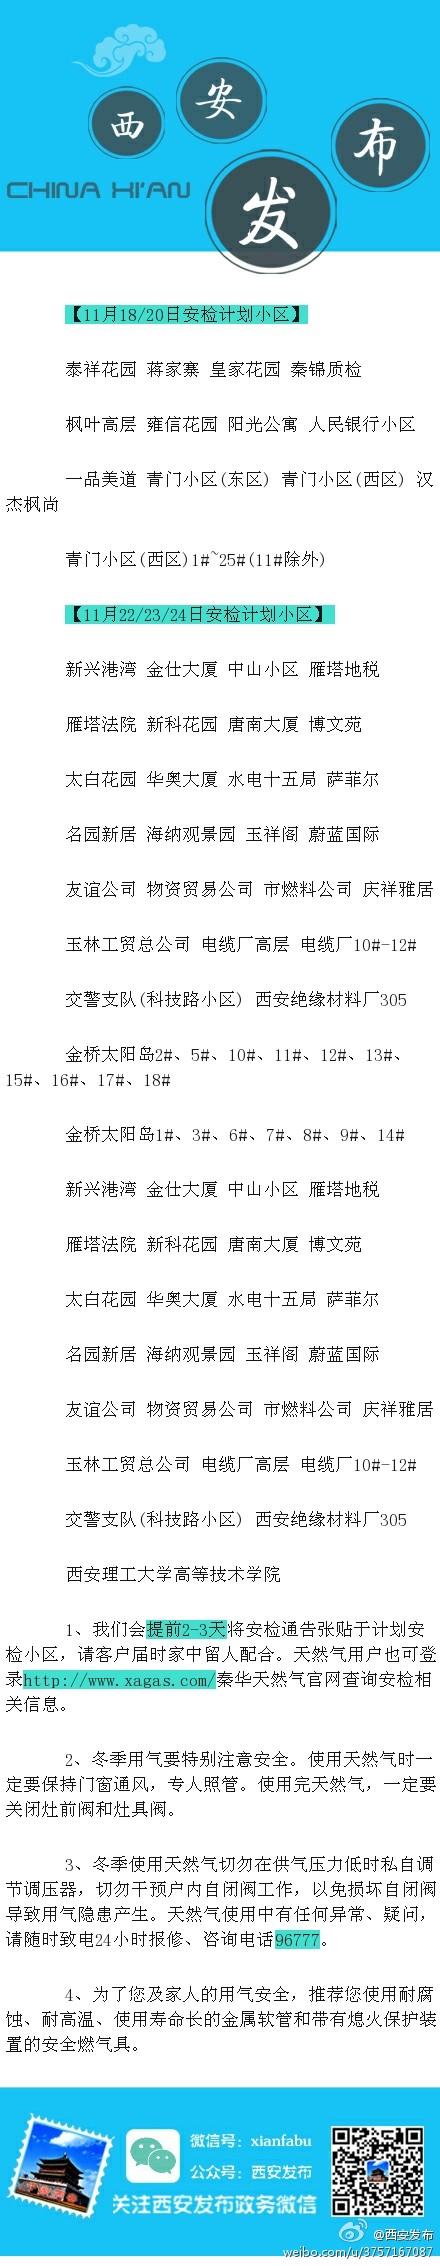 tianranqijianxiu 第2张